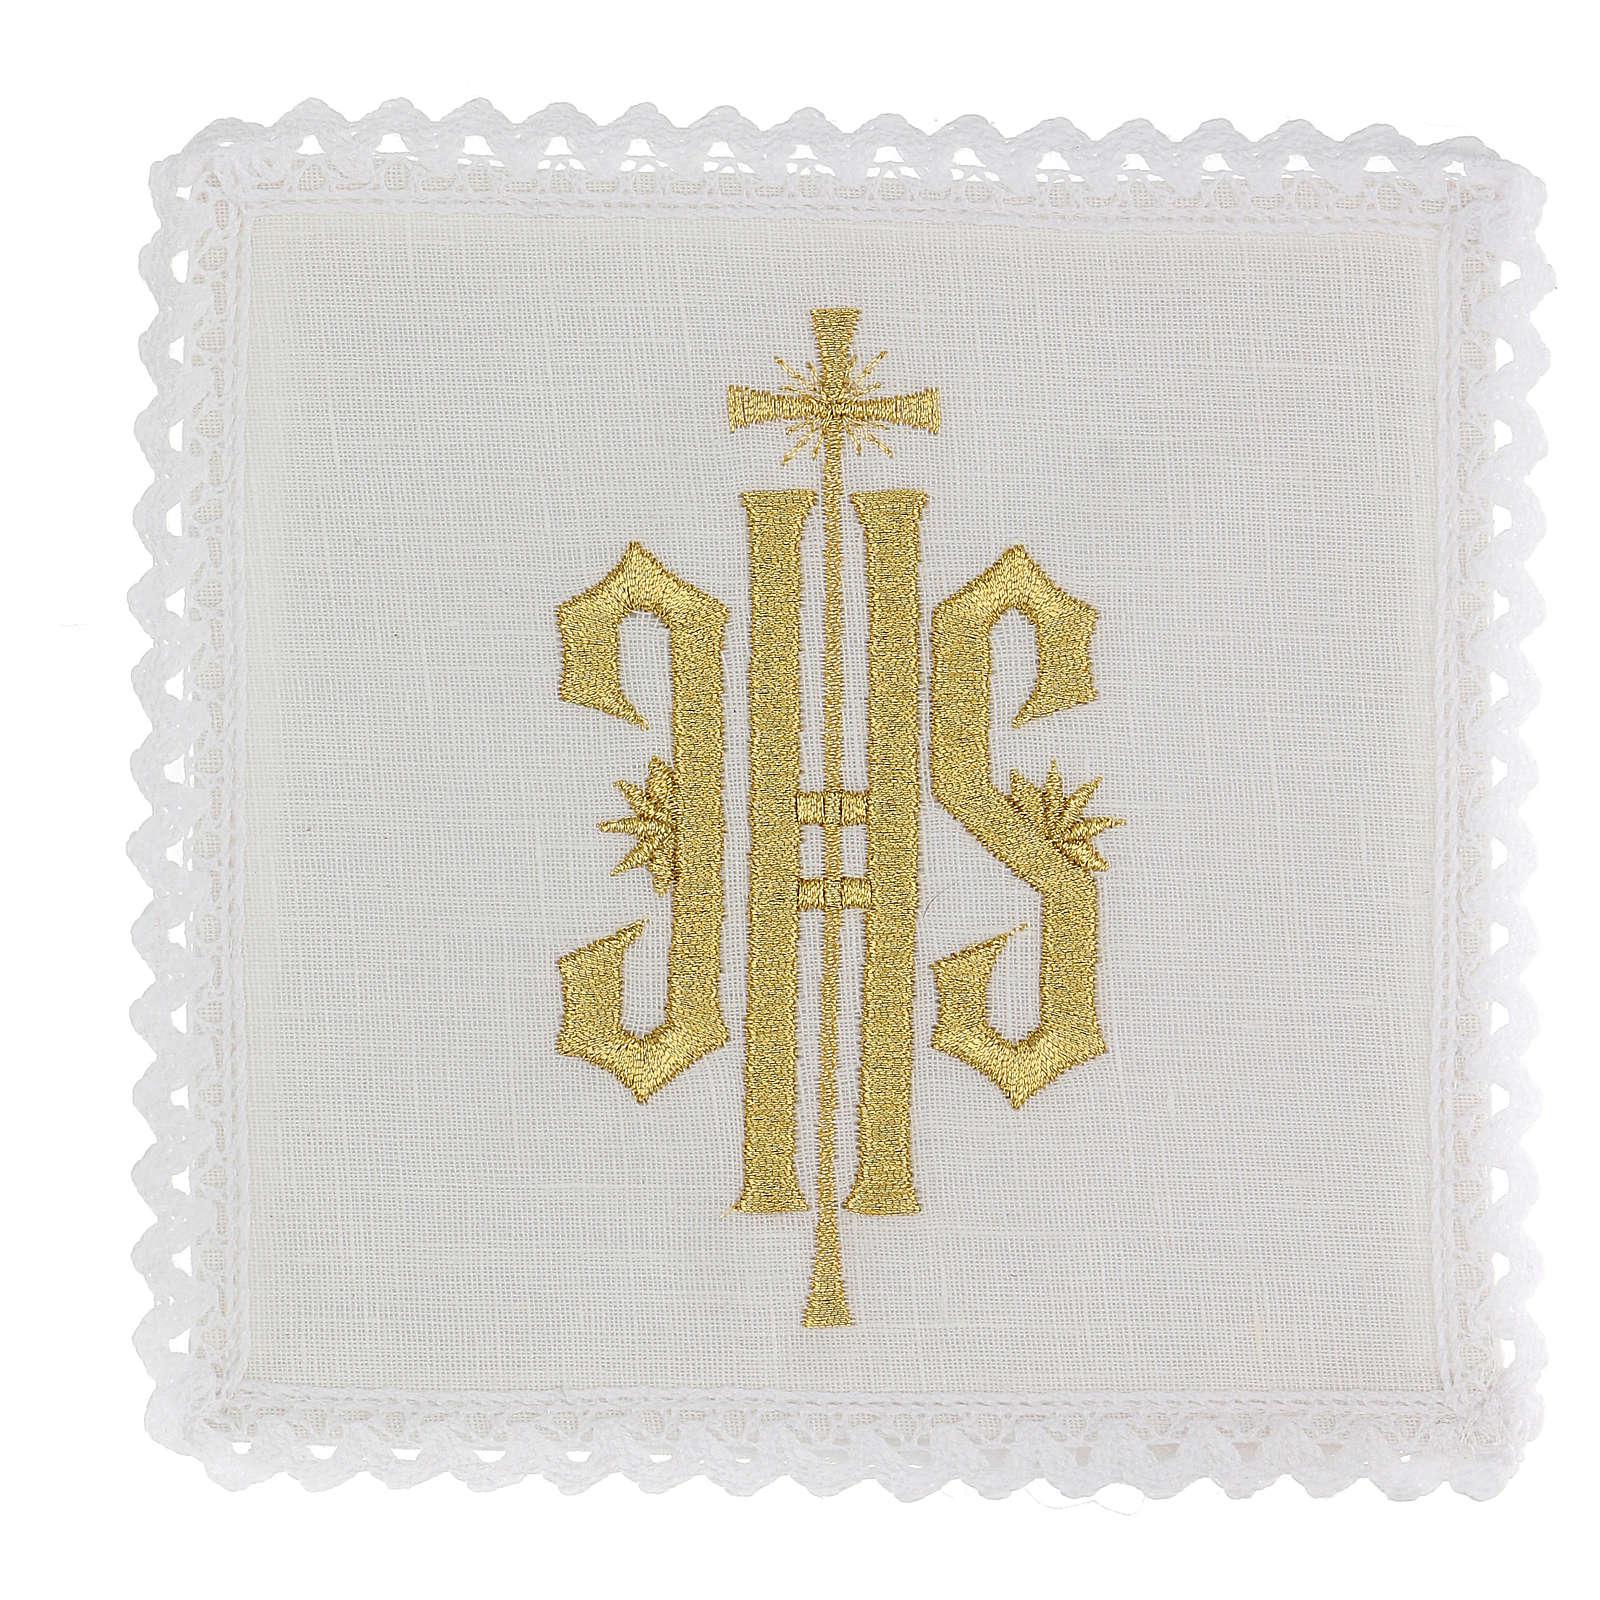 Servizio da altare lino simbolo JHS ricamato oro 4